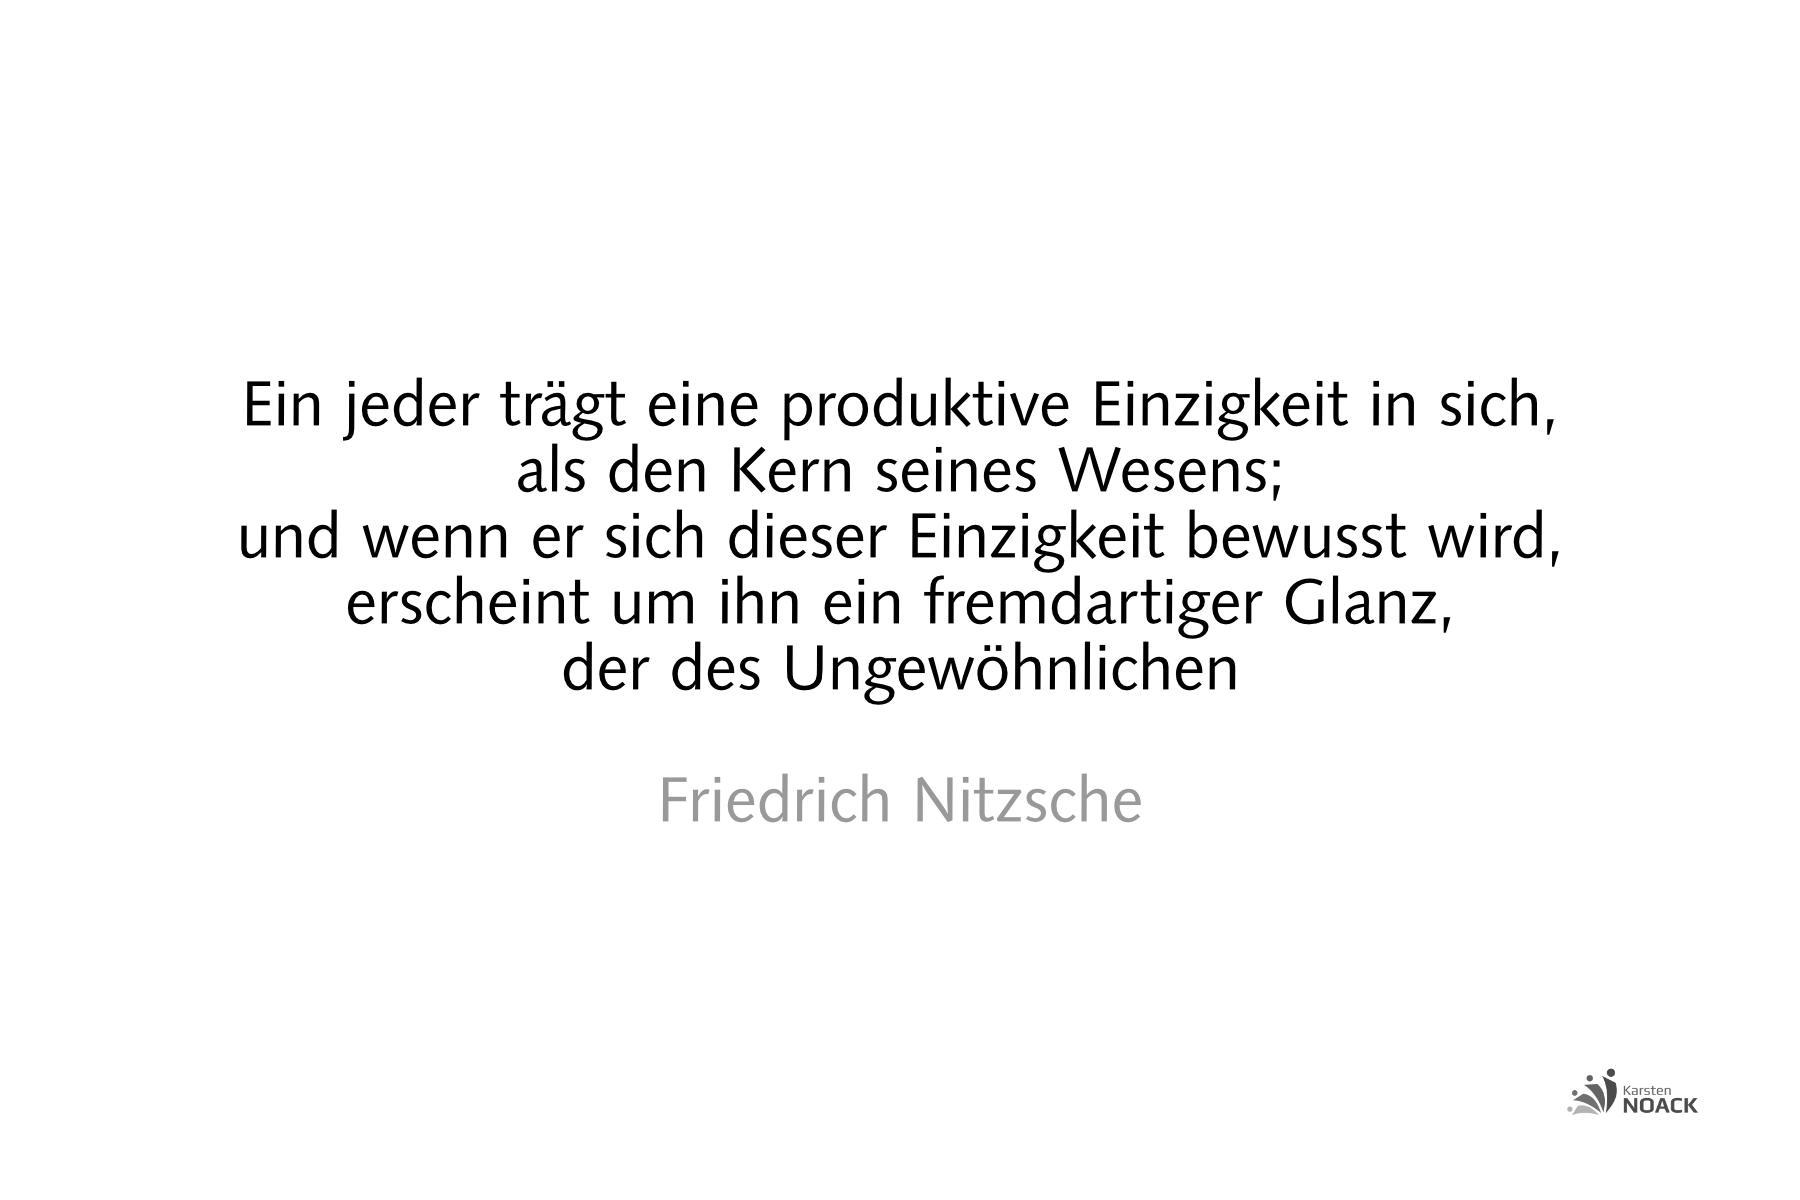 Einzigartigkeit: Ein jeder trägt eine produktive Einzigkeit in sich, als den Kern seines Wesens; und wenn er sich dieser Einzigkeit bewußt wird, erscheint um ihn ein fremdartiger Glanz, der des Ungewöhnlichen. Friedrich Nietzsche